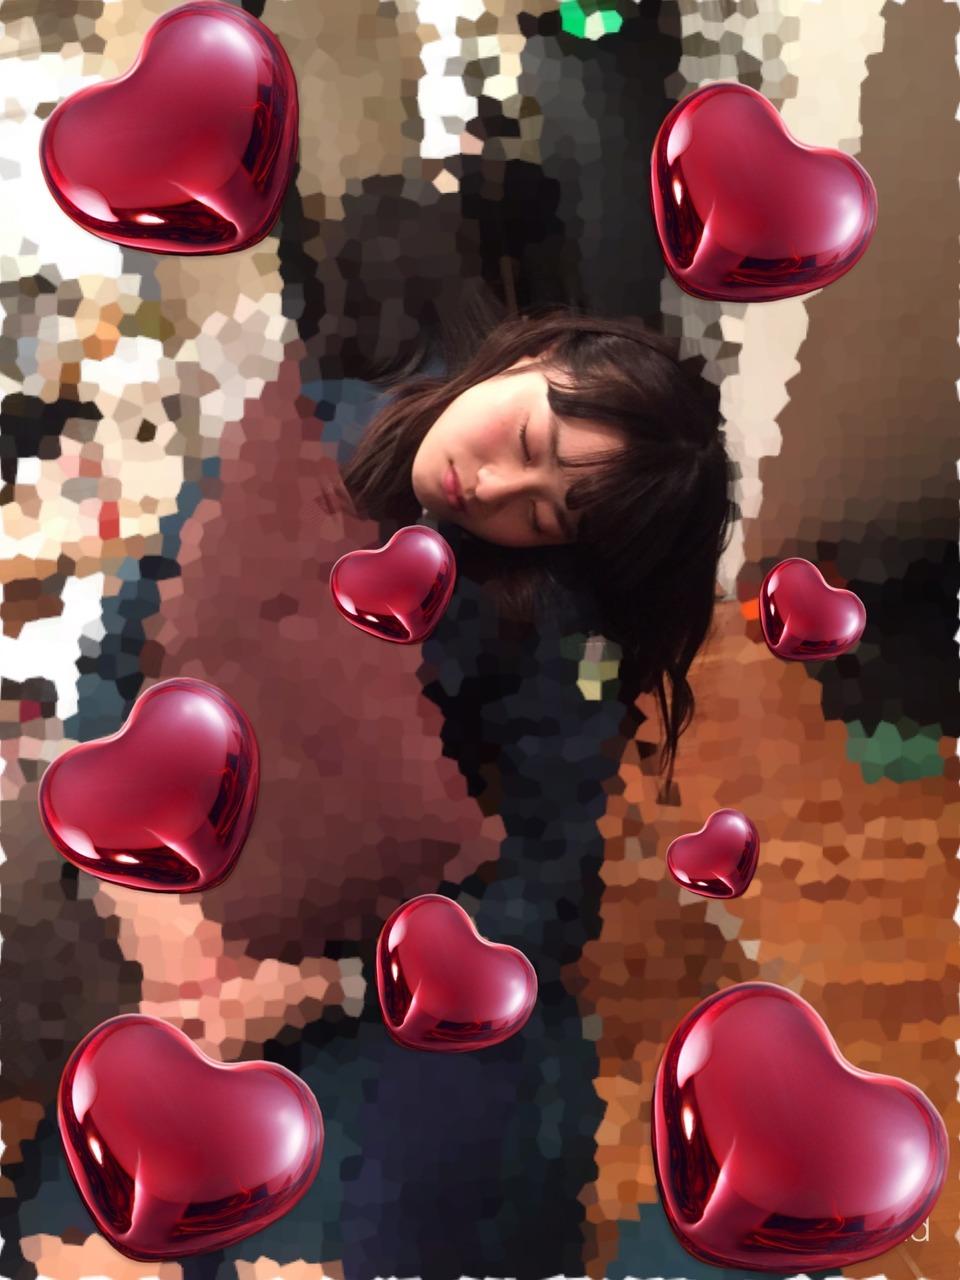 【欅坂46】守屋茜応援スレ★6【あかねん】 [無断転載禁止]©2ch.netYouTube動画>15本 ->画像>1077枚